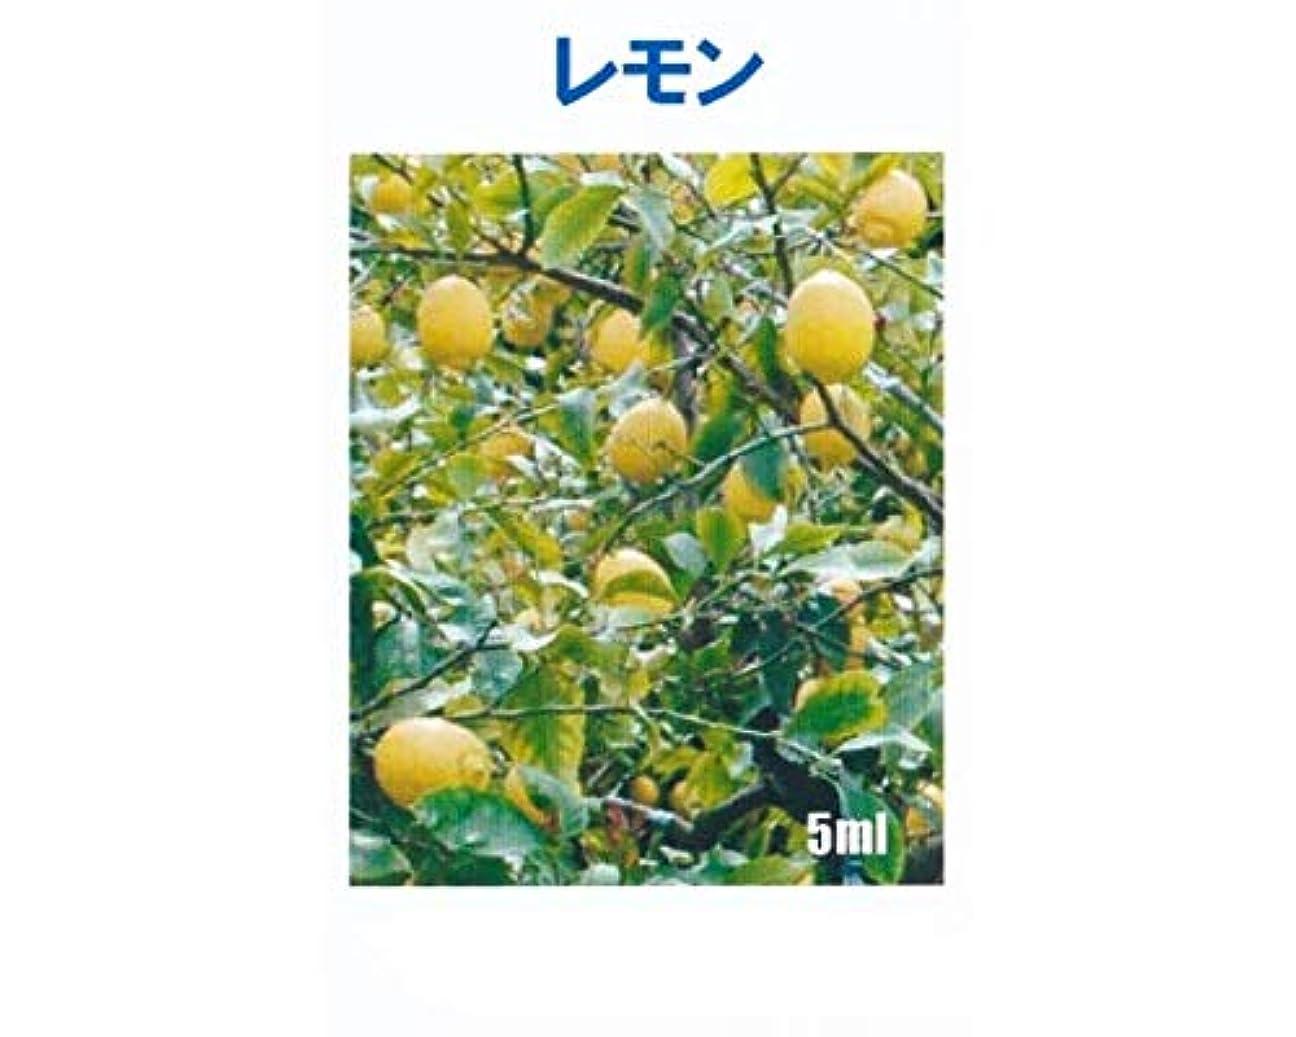 バイナリ家主絶滅したアロマオイル レモン 5ml エッセンシャルオイル 100%天然成分